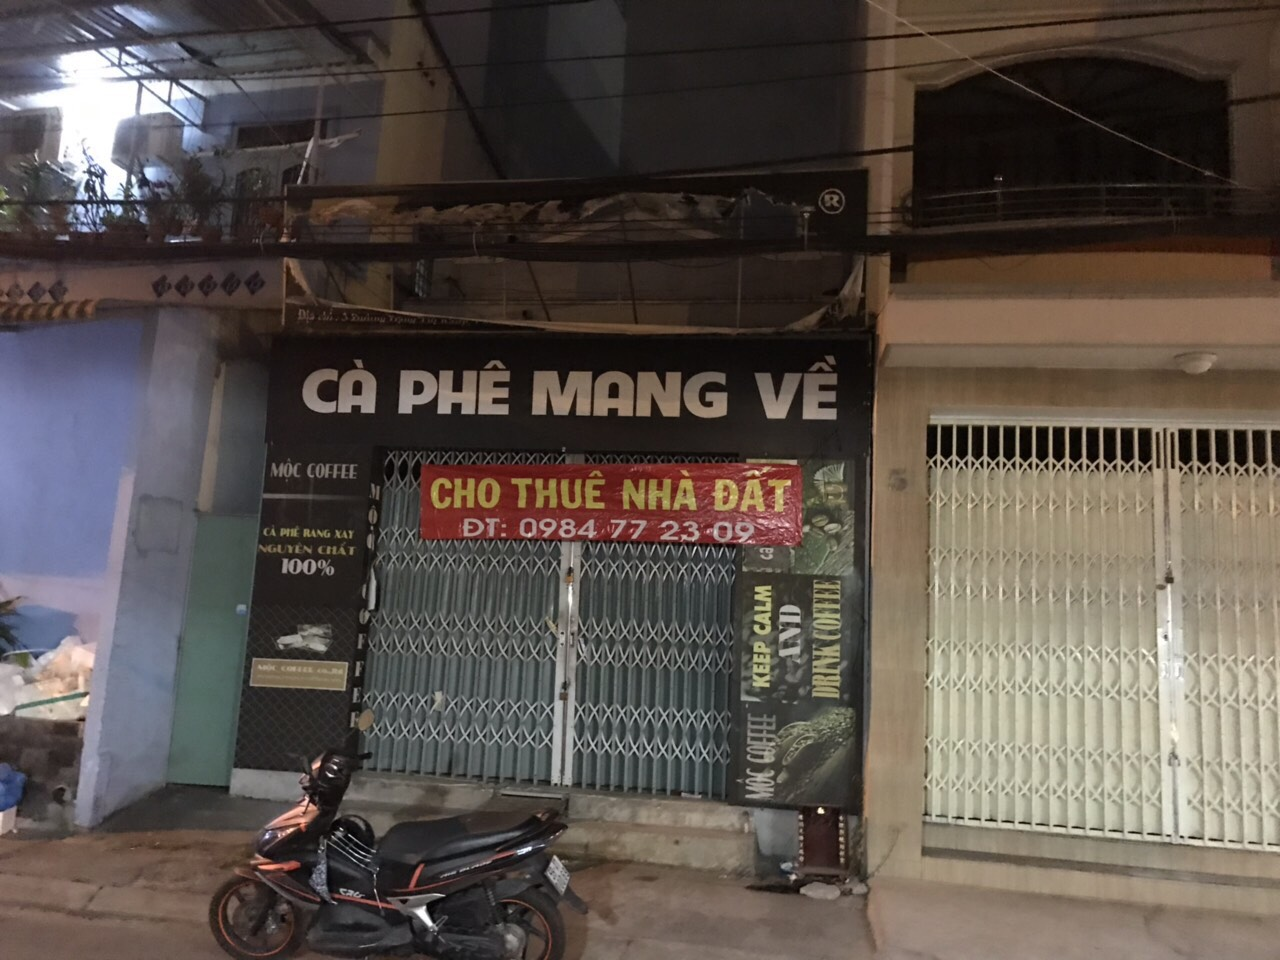 Nhà cần cho thuê tại phường Linh Tây, quận Thủ Đức, HCM - 1